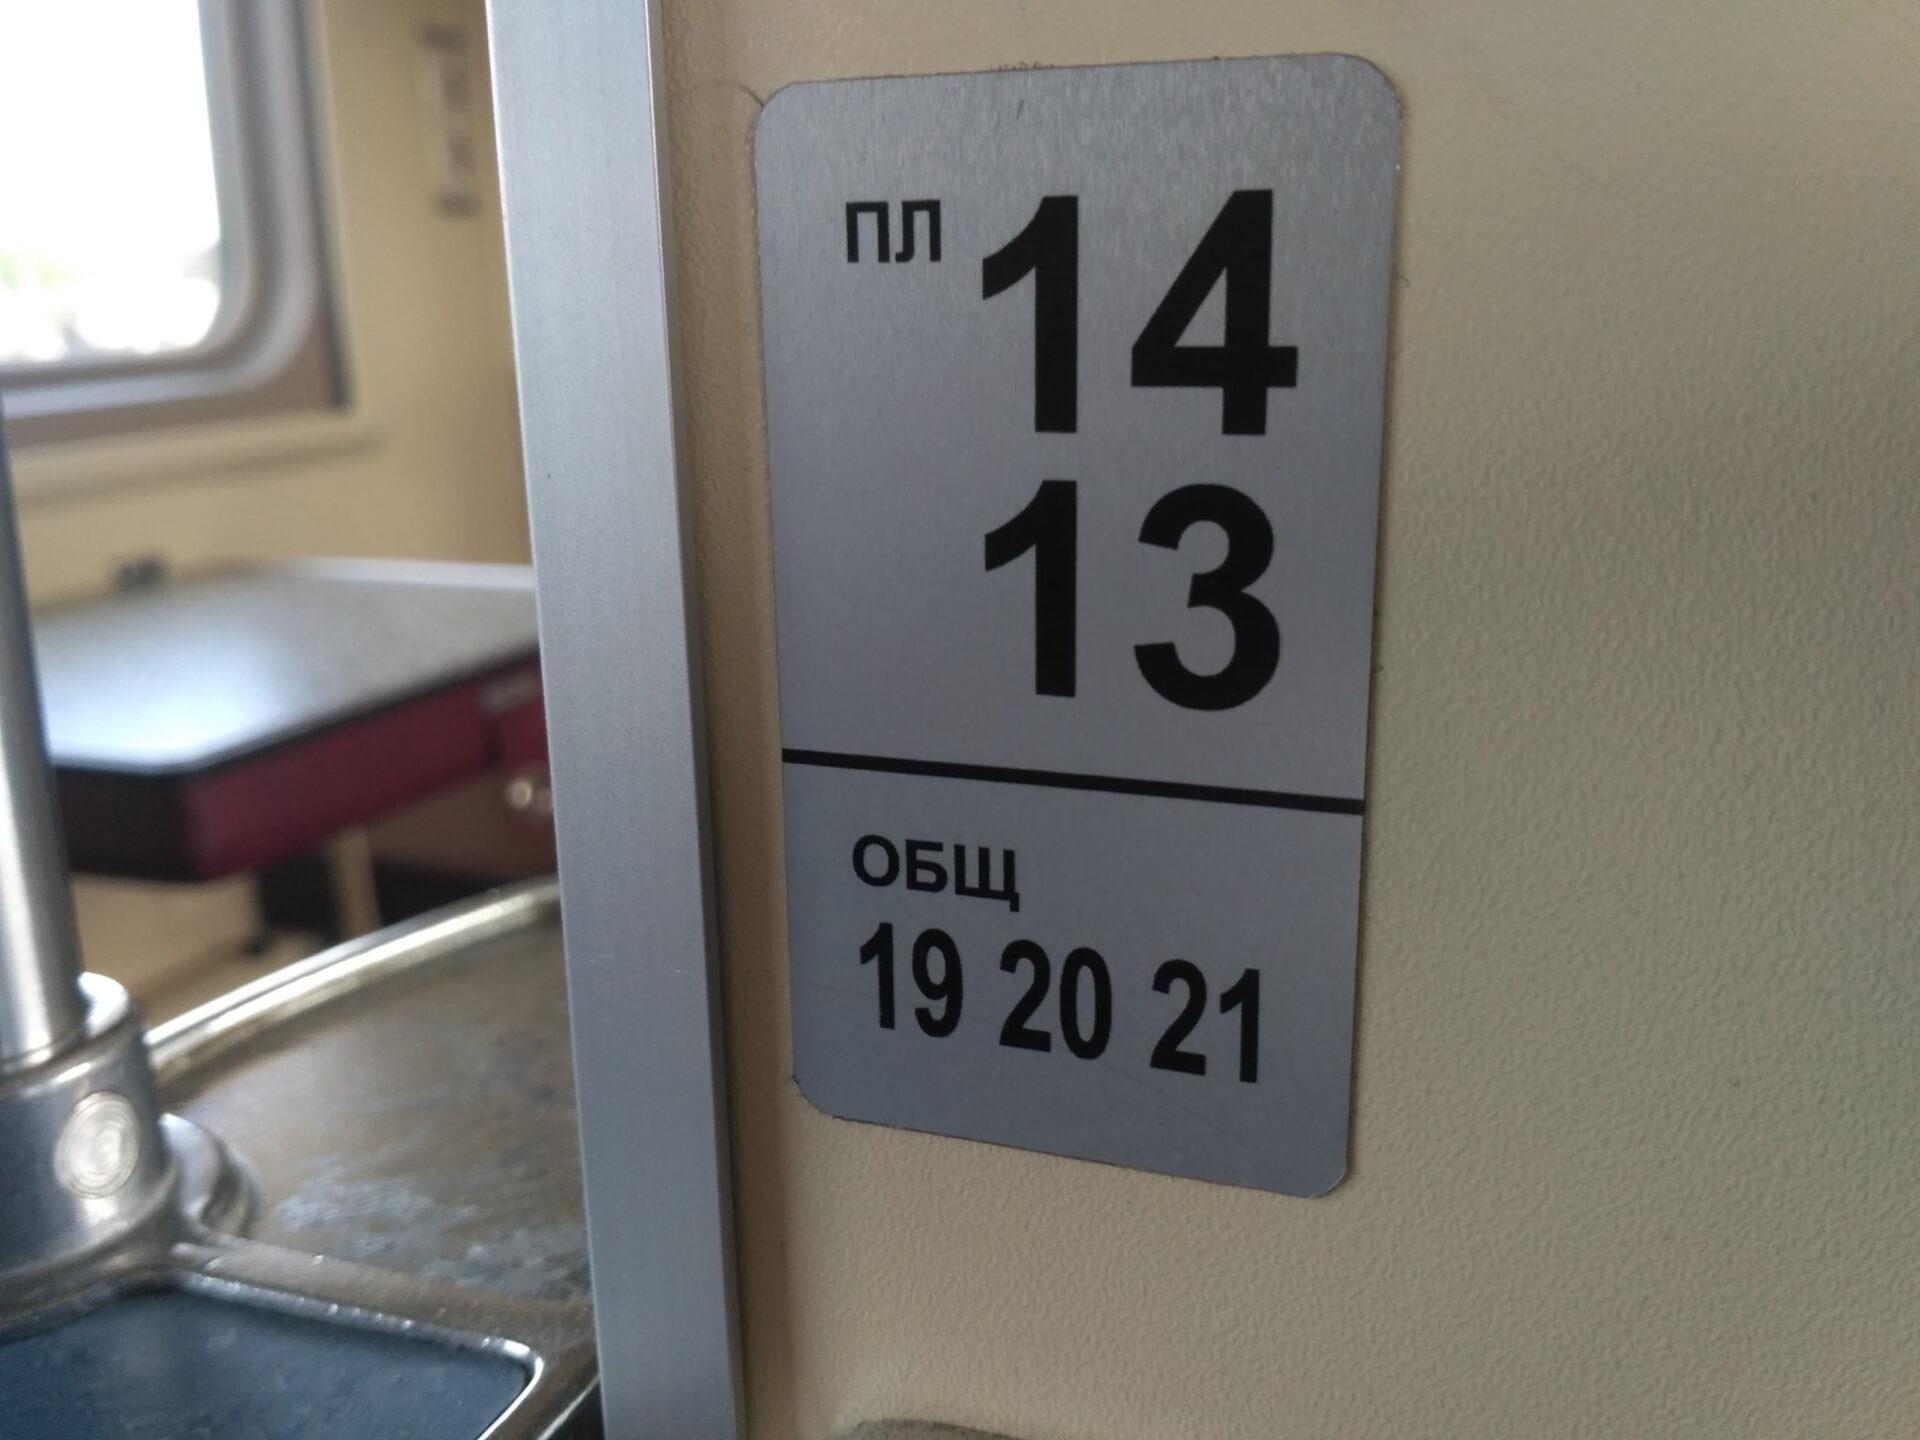 Впервые за47 лет принял душ ввагоне поезда!